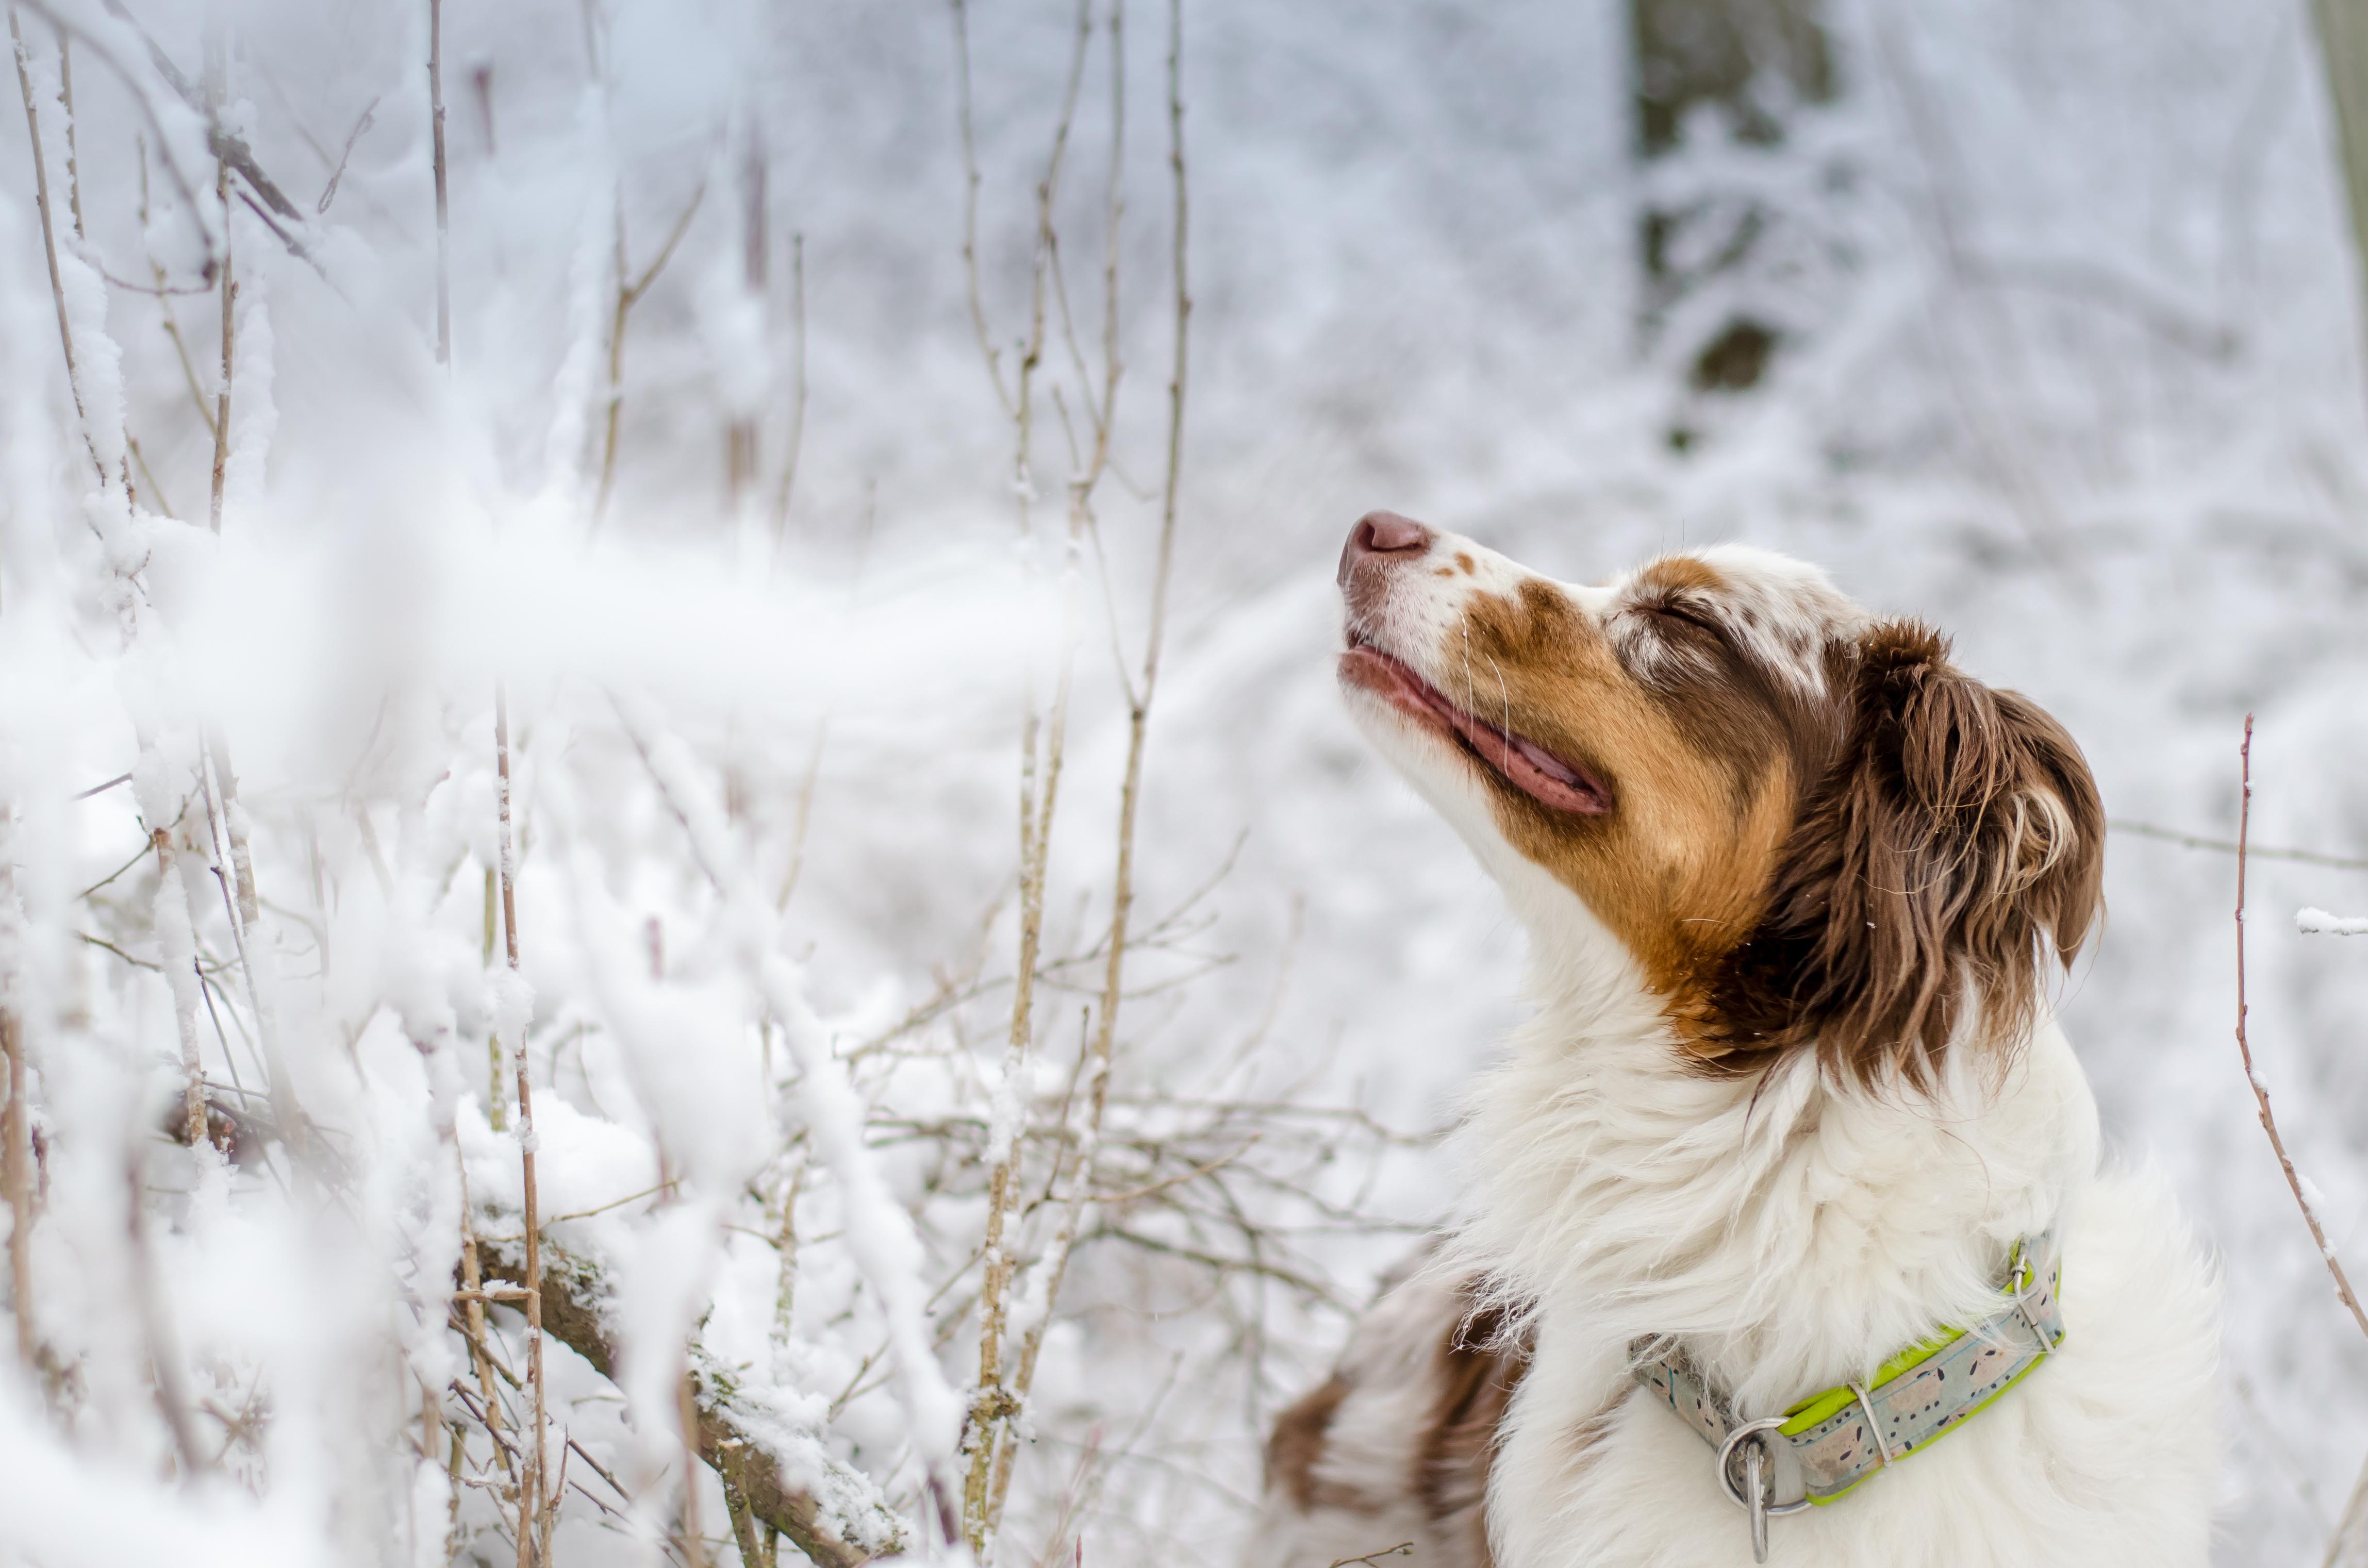 его историческом фотки собачки в снегу тоннель, дикие холмы